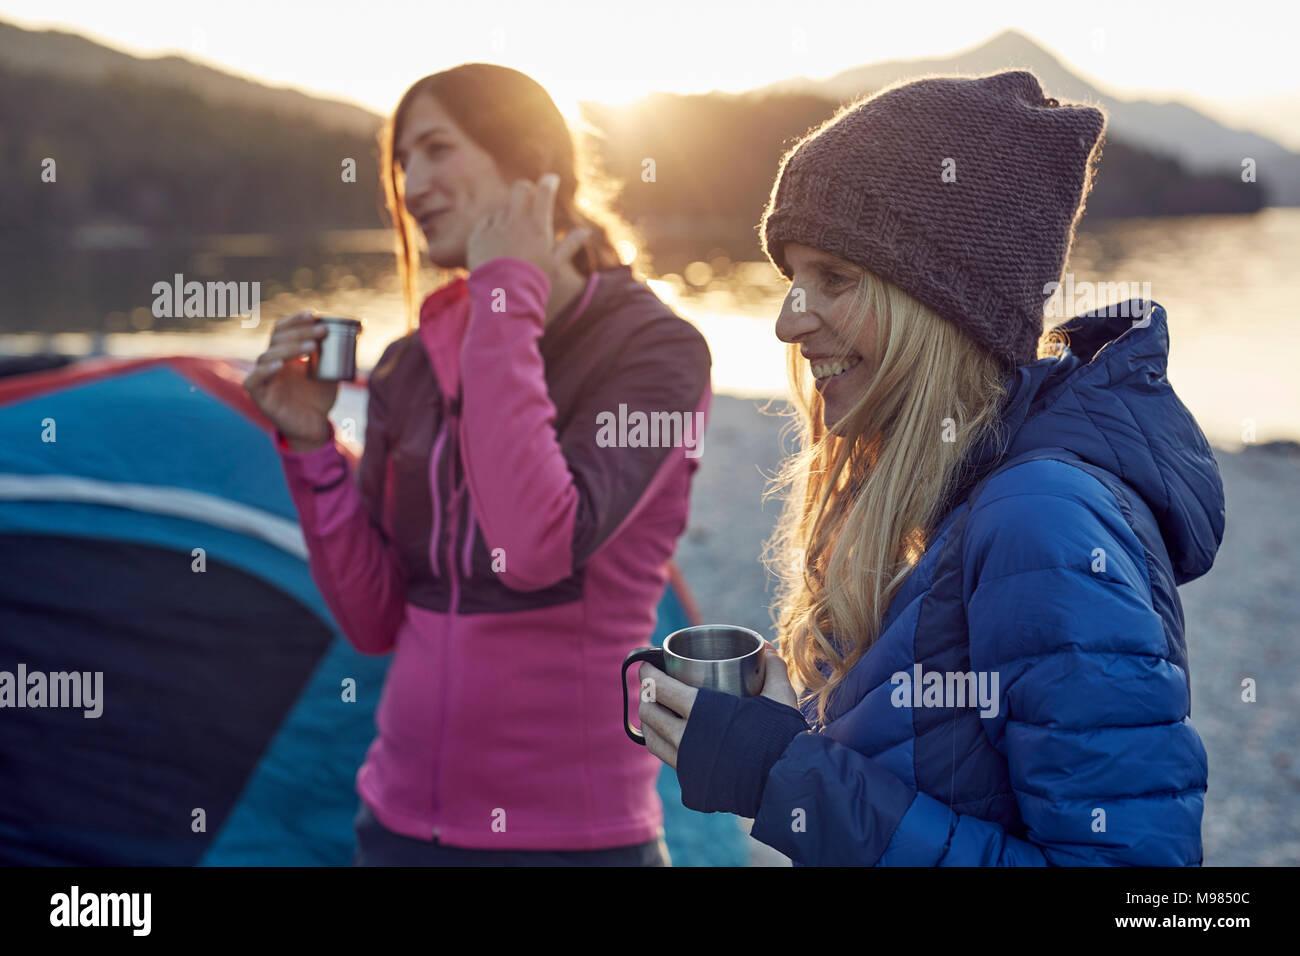 Zwei weibliche Freunde am Zelt Becher Holding Stockbild